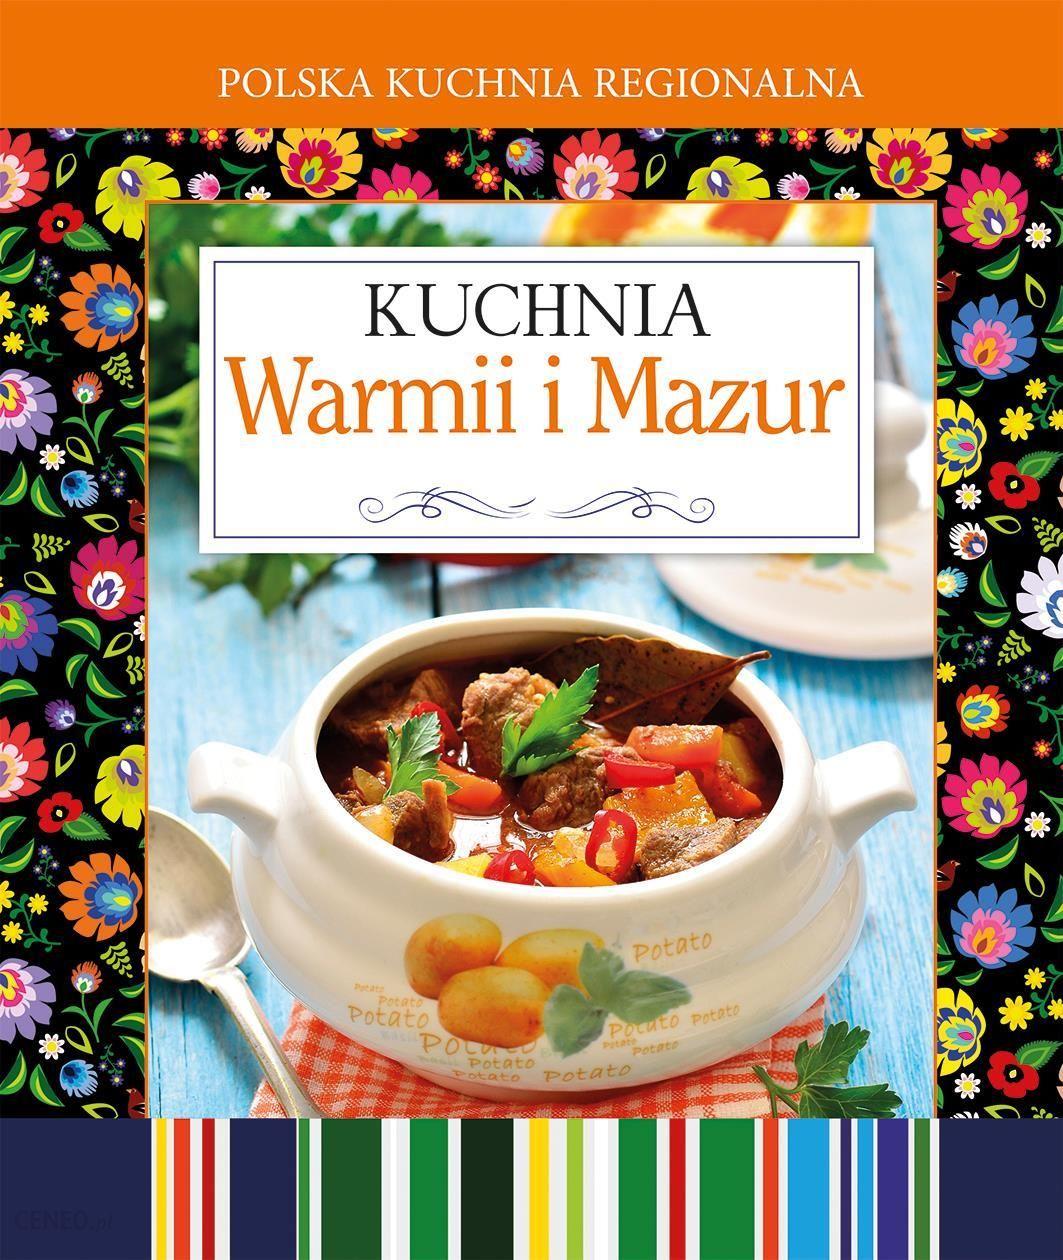 Polska Kuchnia Regionalna Kuchnia Warmii I Mazur